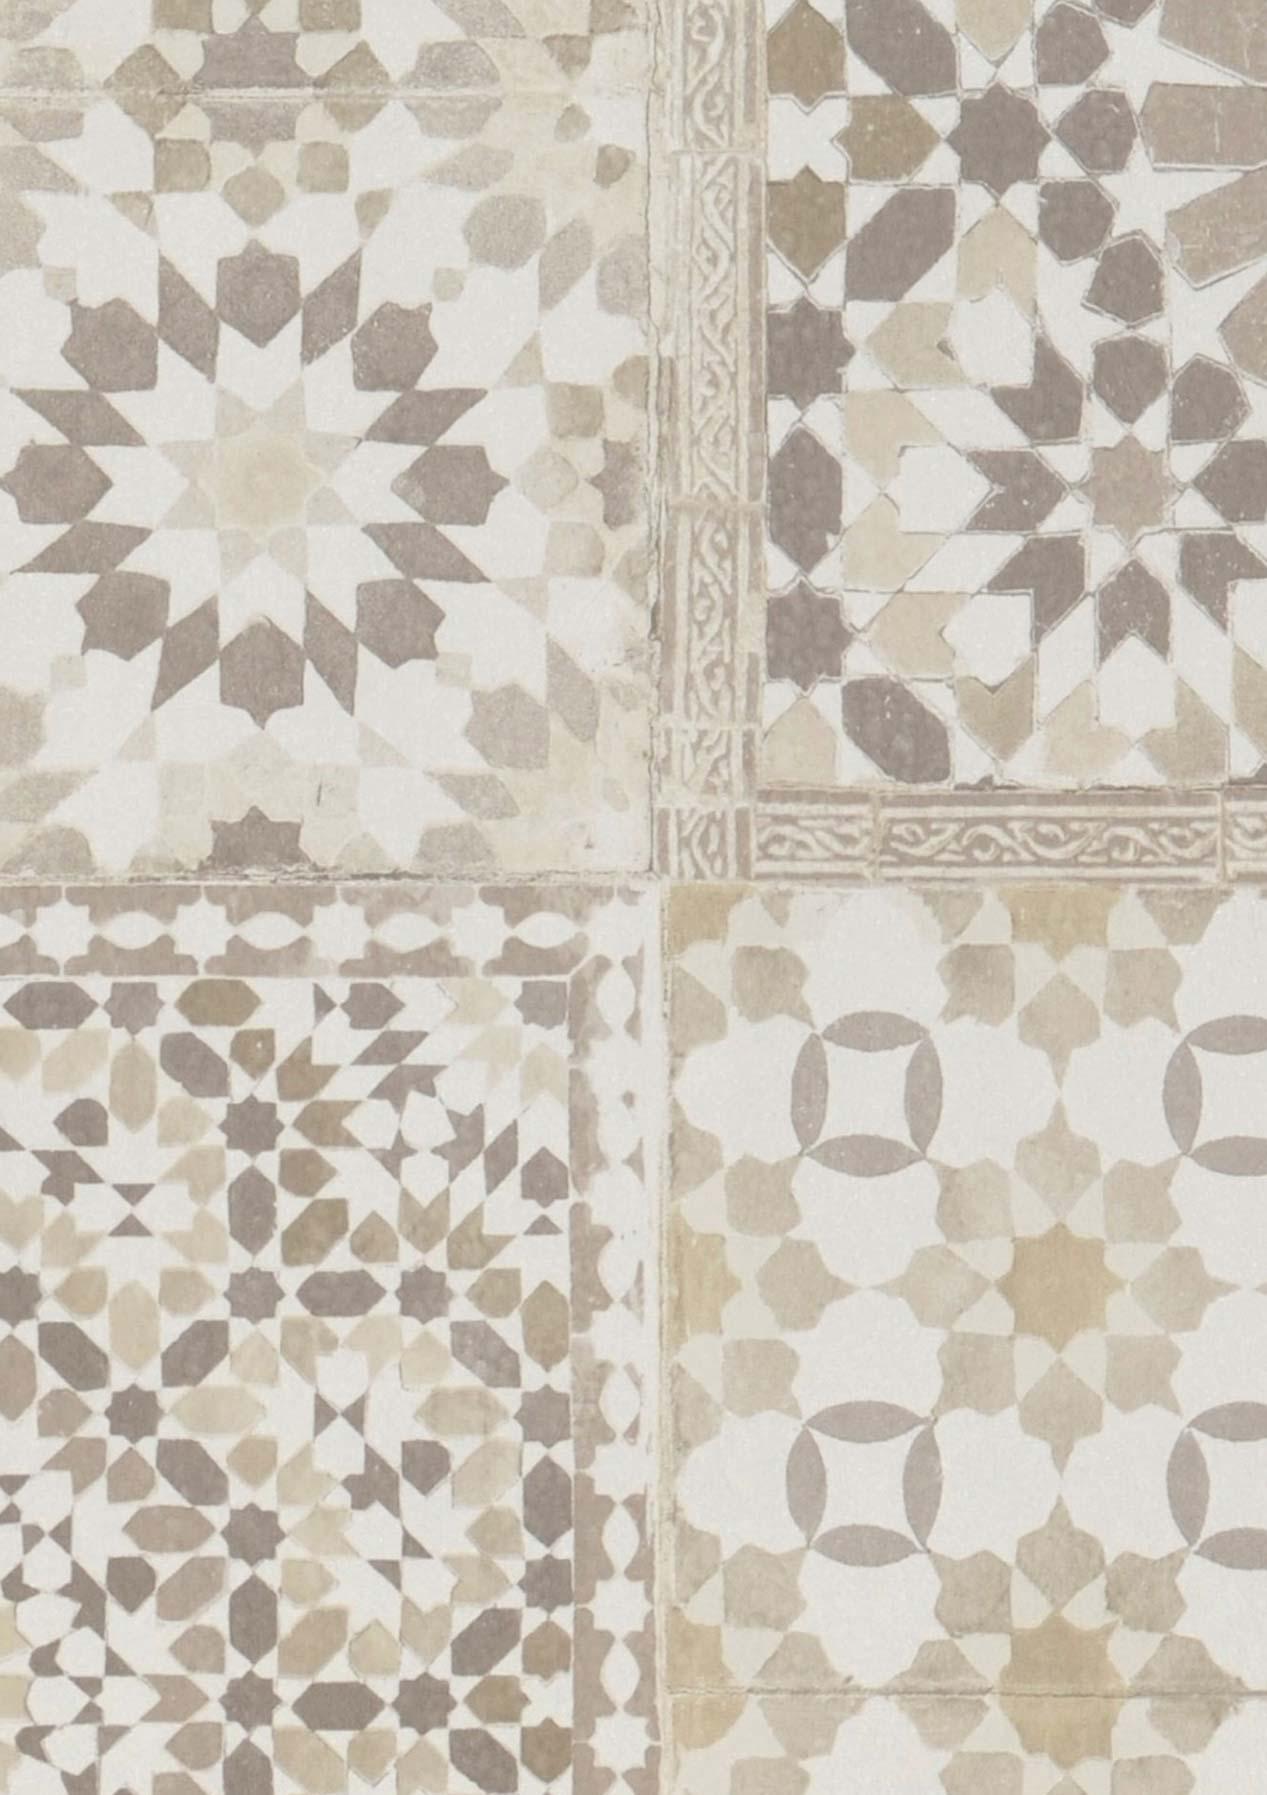 Tapete azulejos beige cremeweiss graubeige sepiabraun for Tapete nach hause